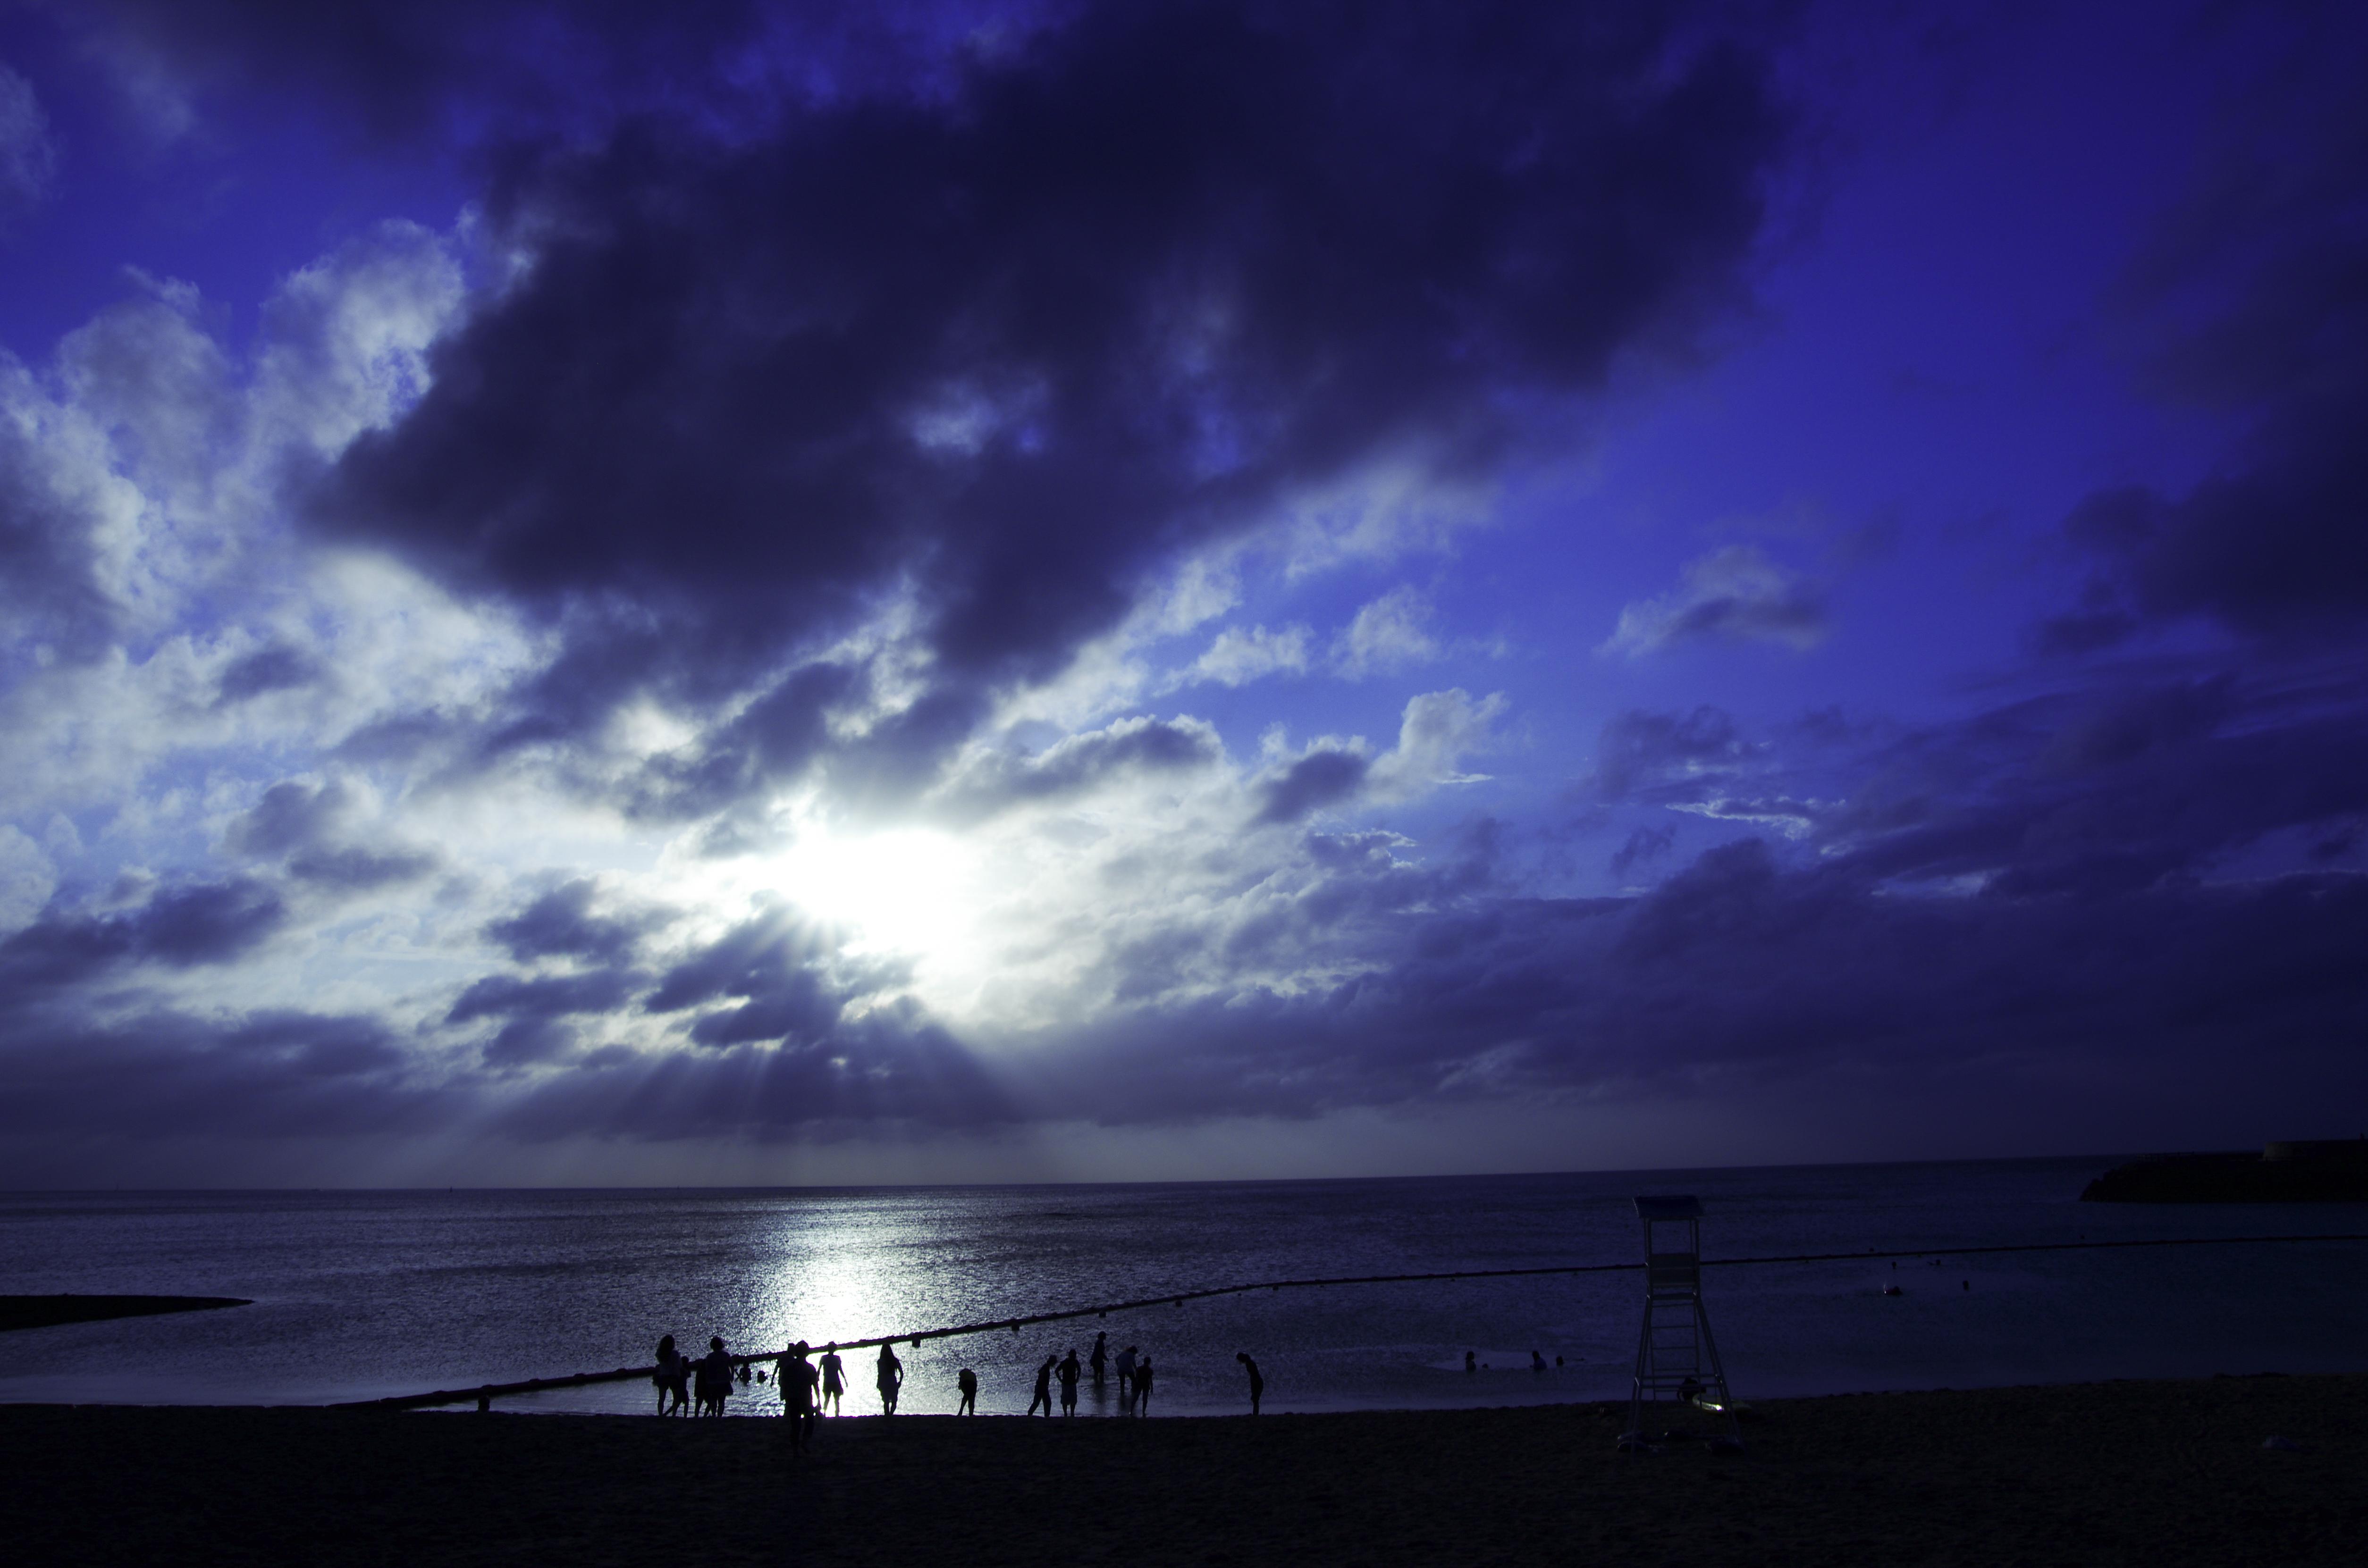 沖縄 海 雨上がり